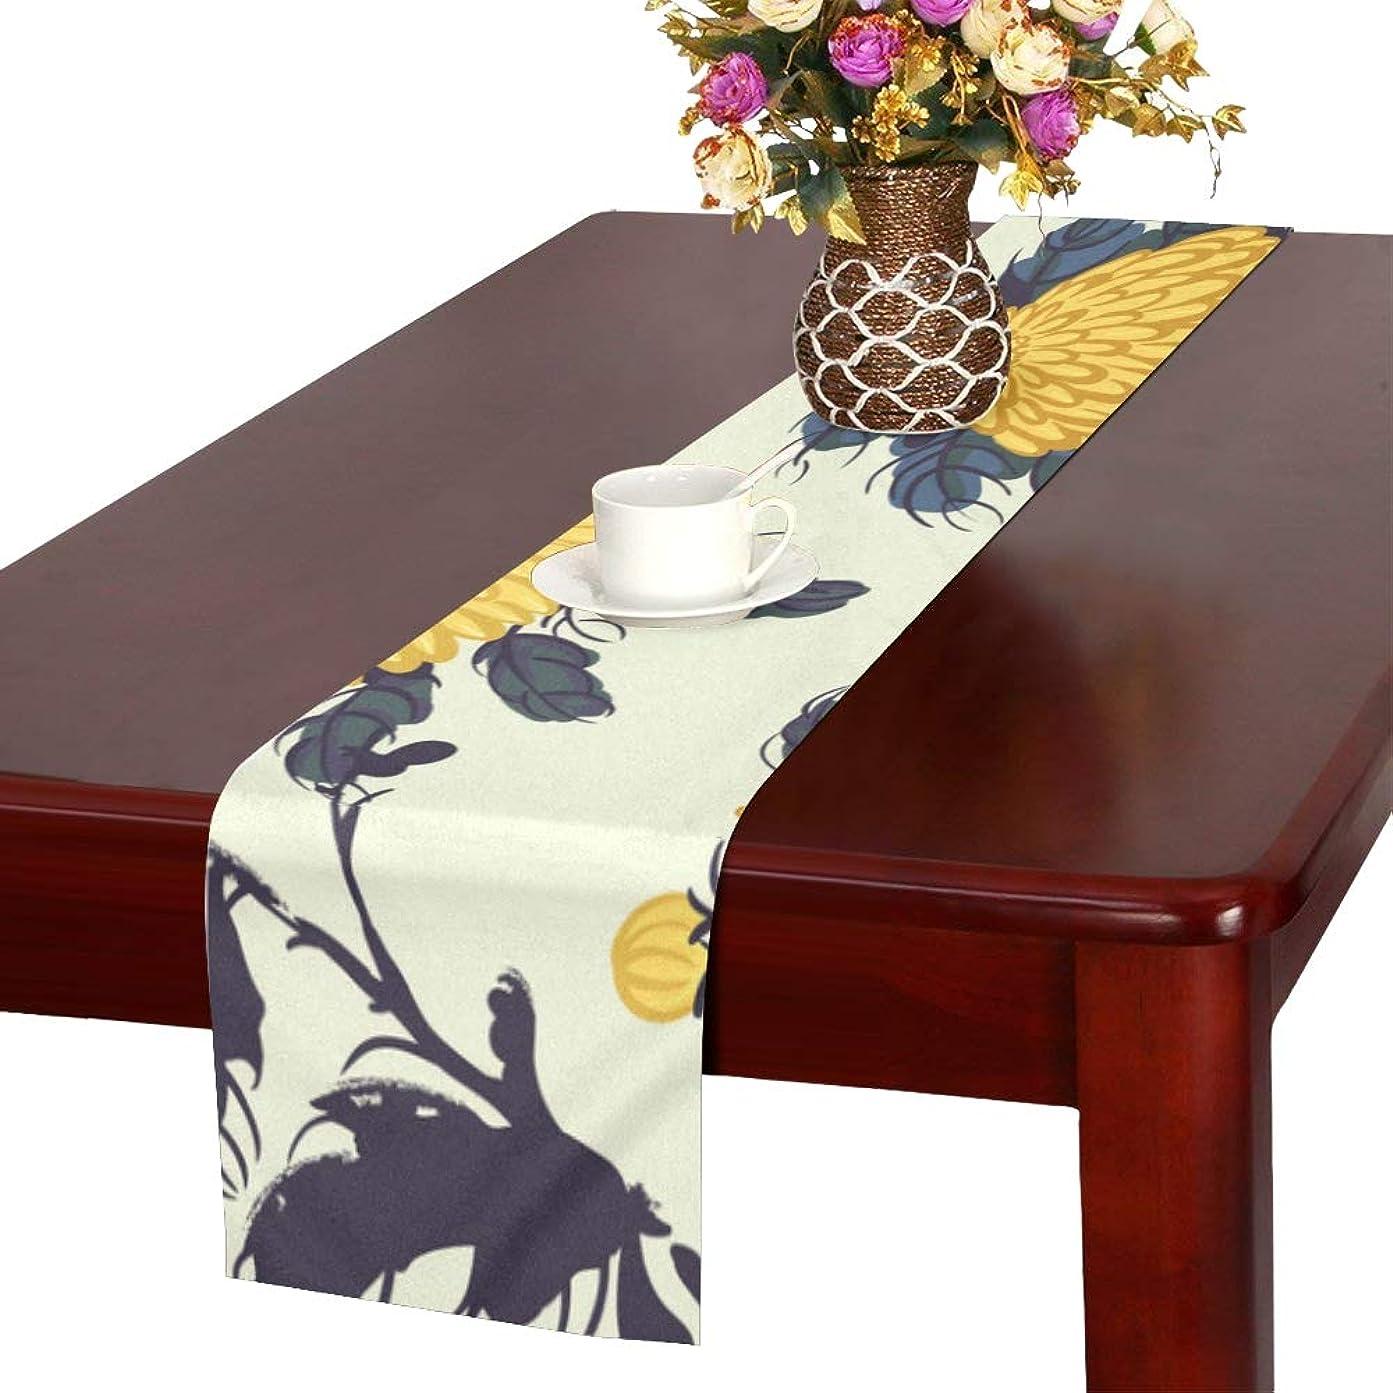 コンデンサーエレクトロニックグラスLKCDNG テーブルランナー 黄色 きれい 和風の花 クロス 食卓カバー 麻綿製 欧米 おしゃれ 16 Inch X 72 Inch (40cm X 182cm) キッチン ダイニング ホーム デコレーション モダン リビング 洗える